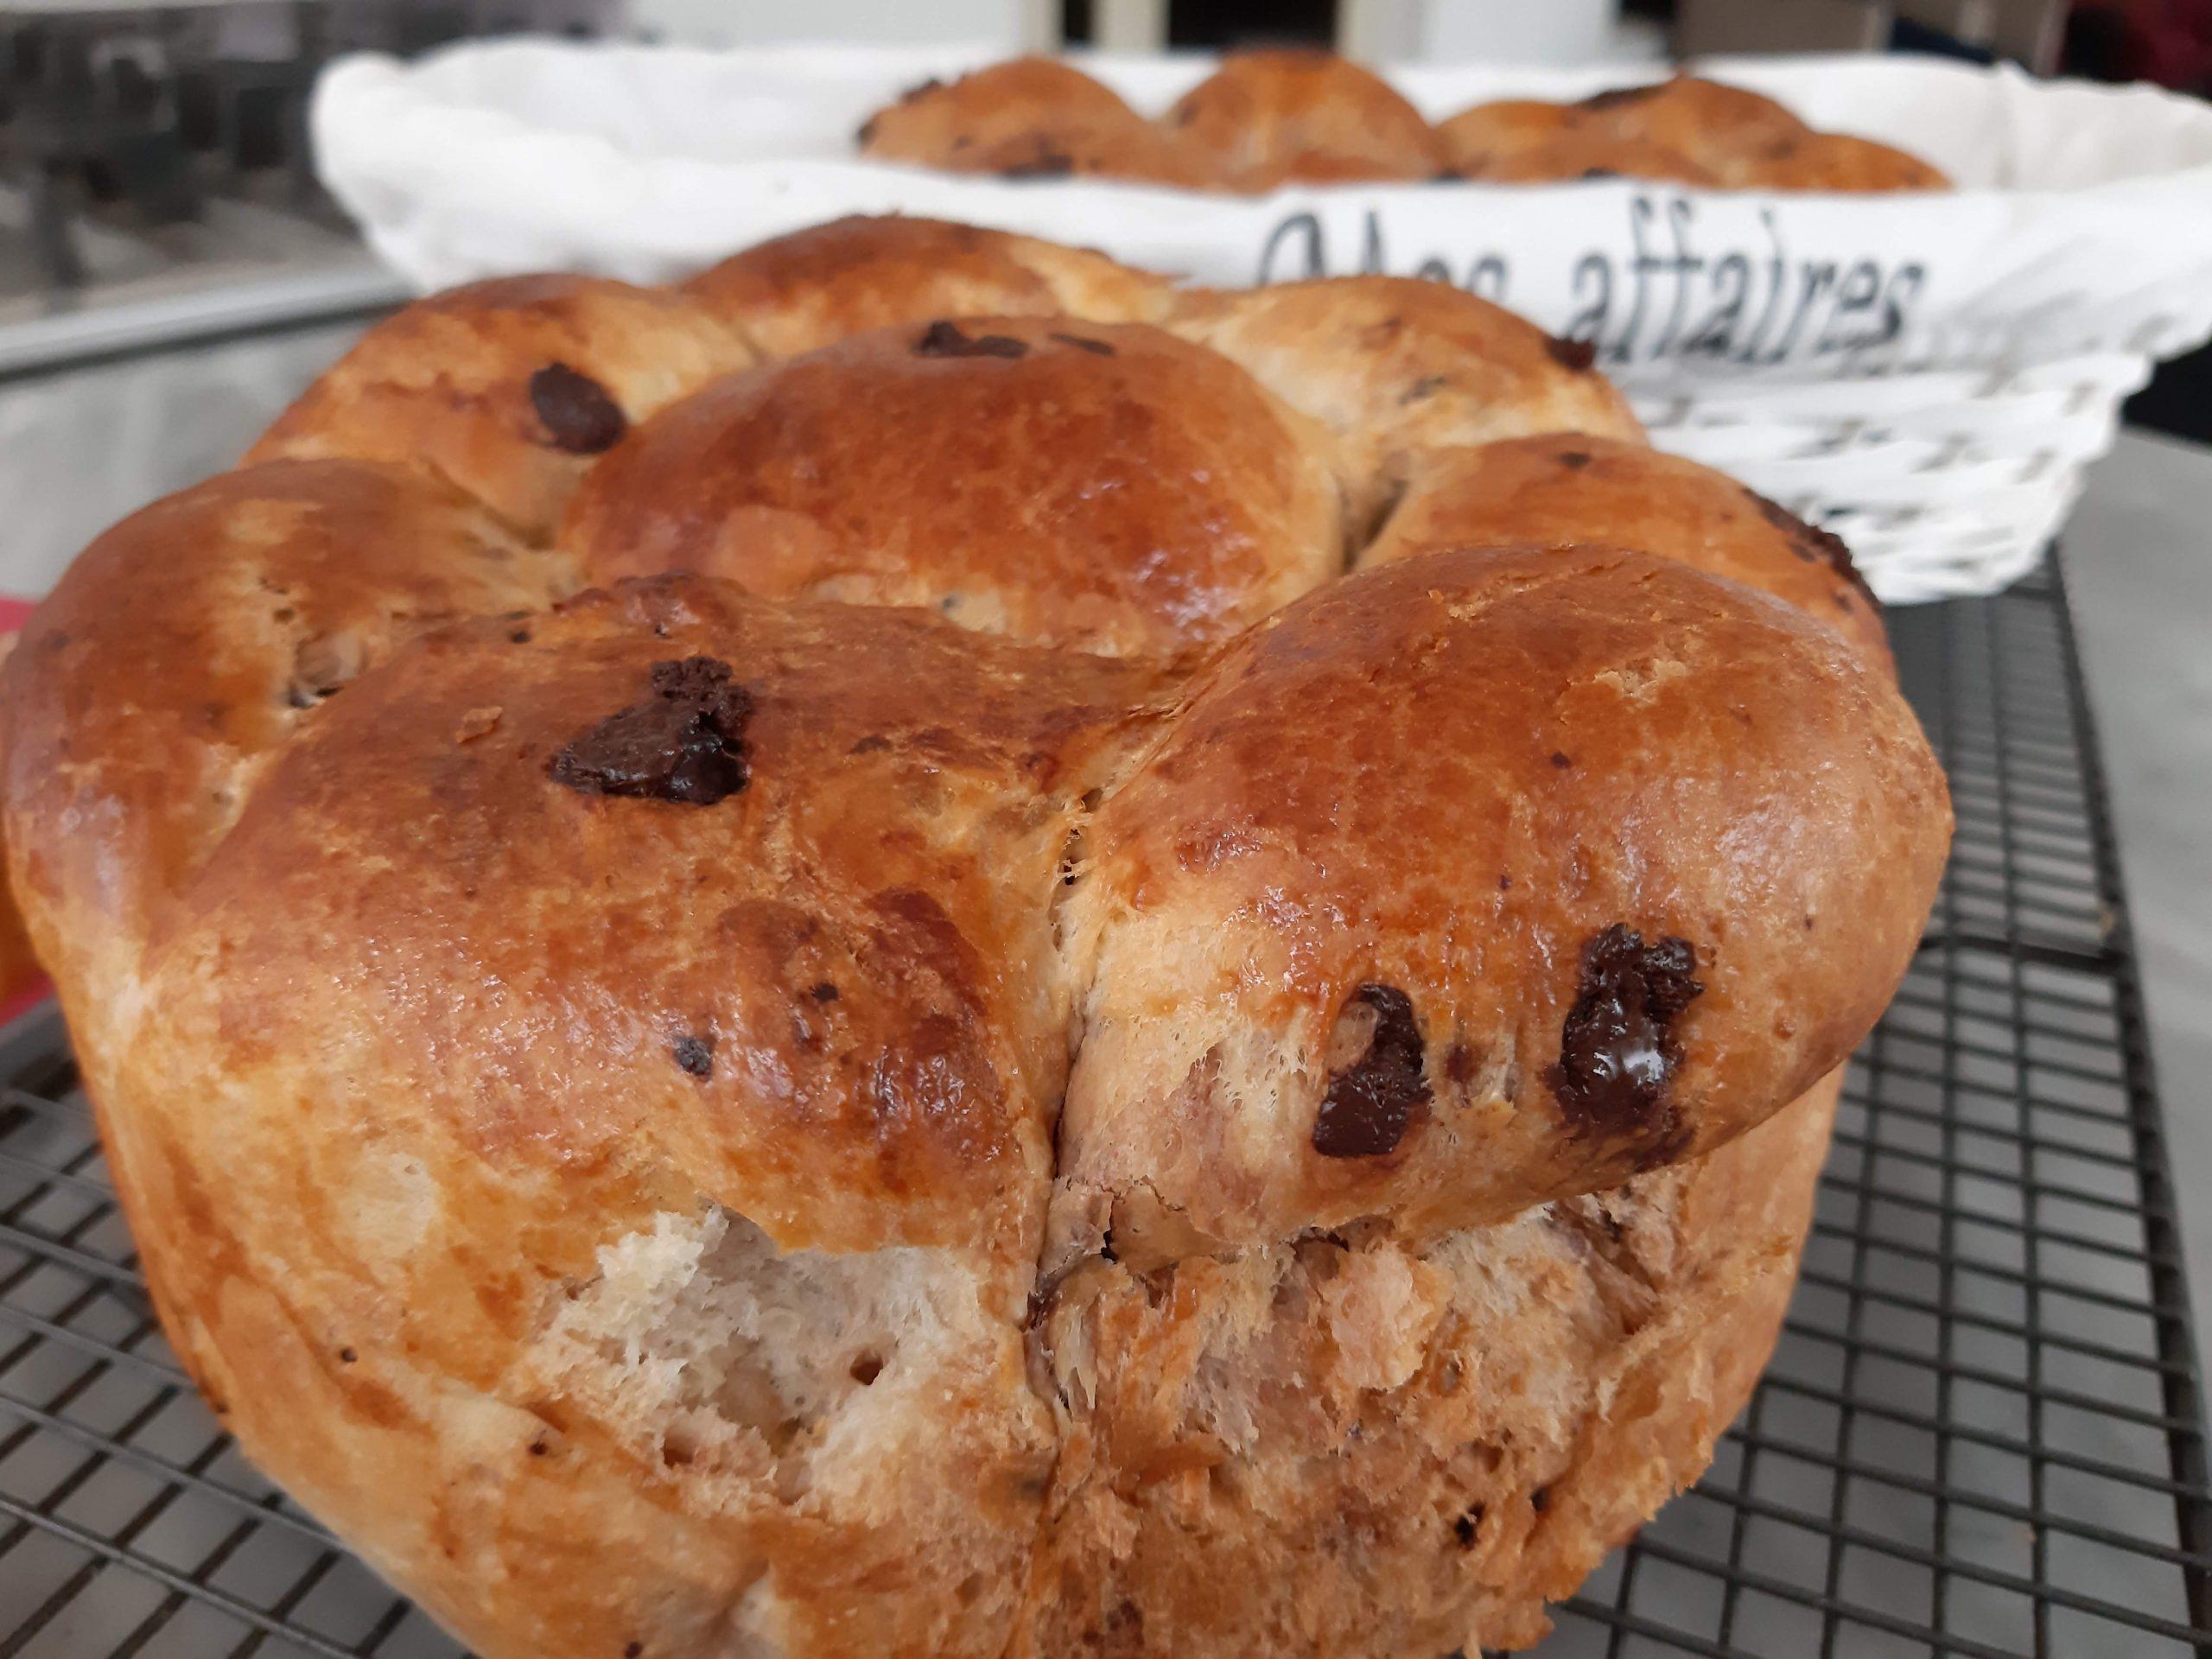 Chocolate Brioche loaf